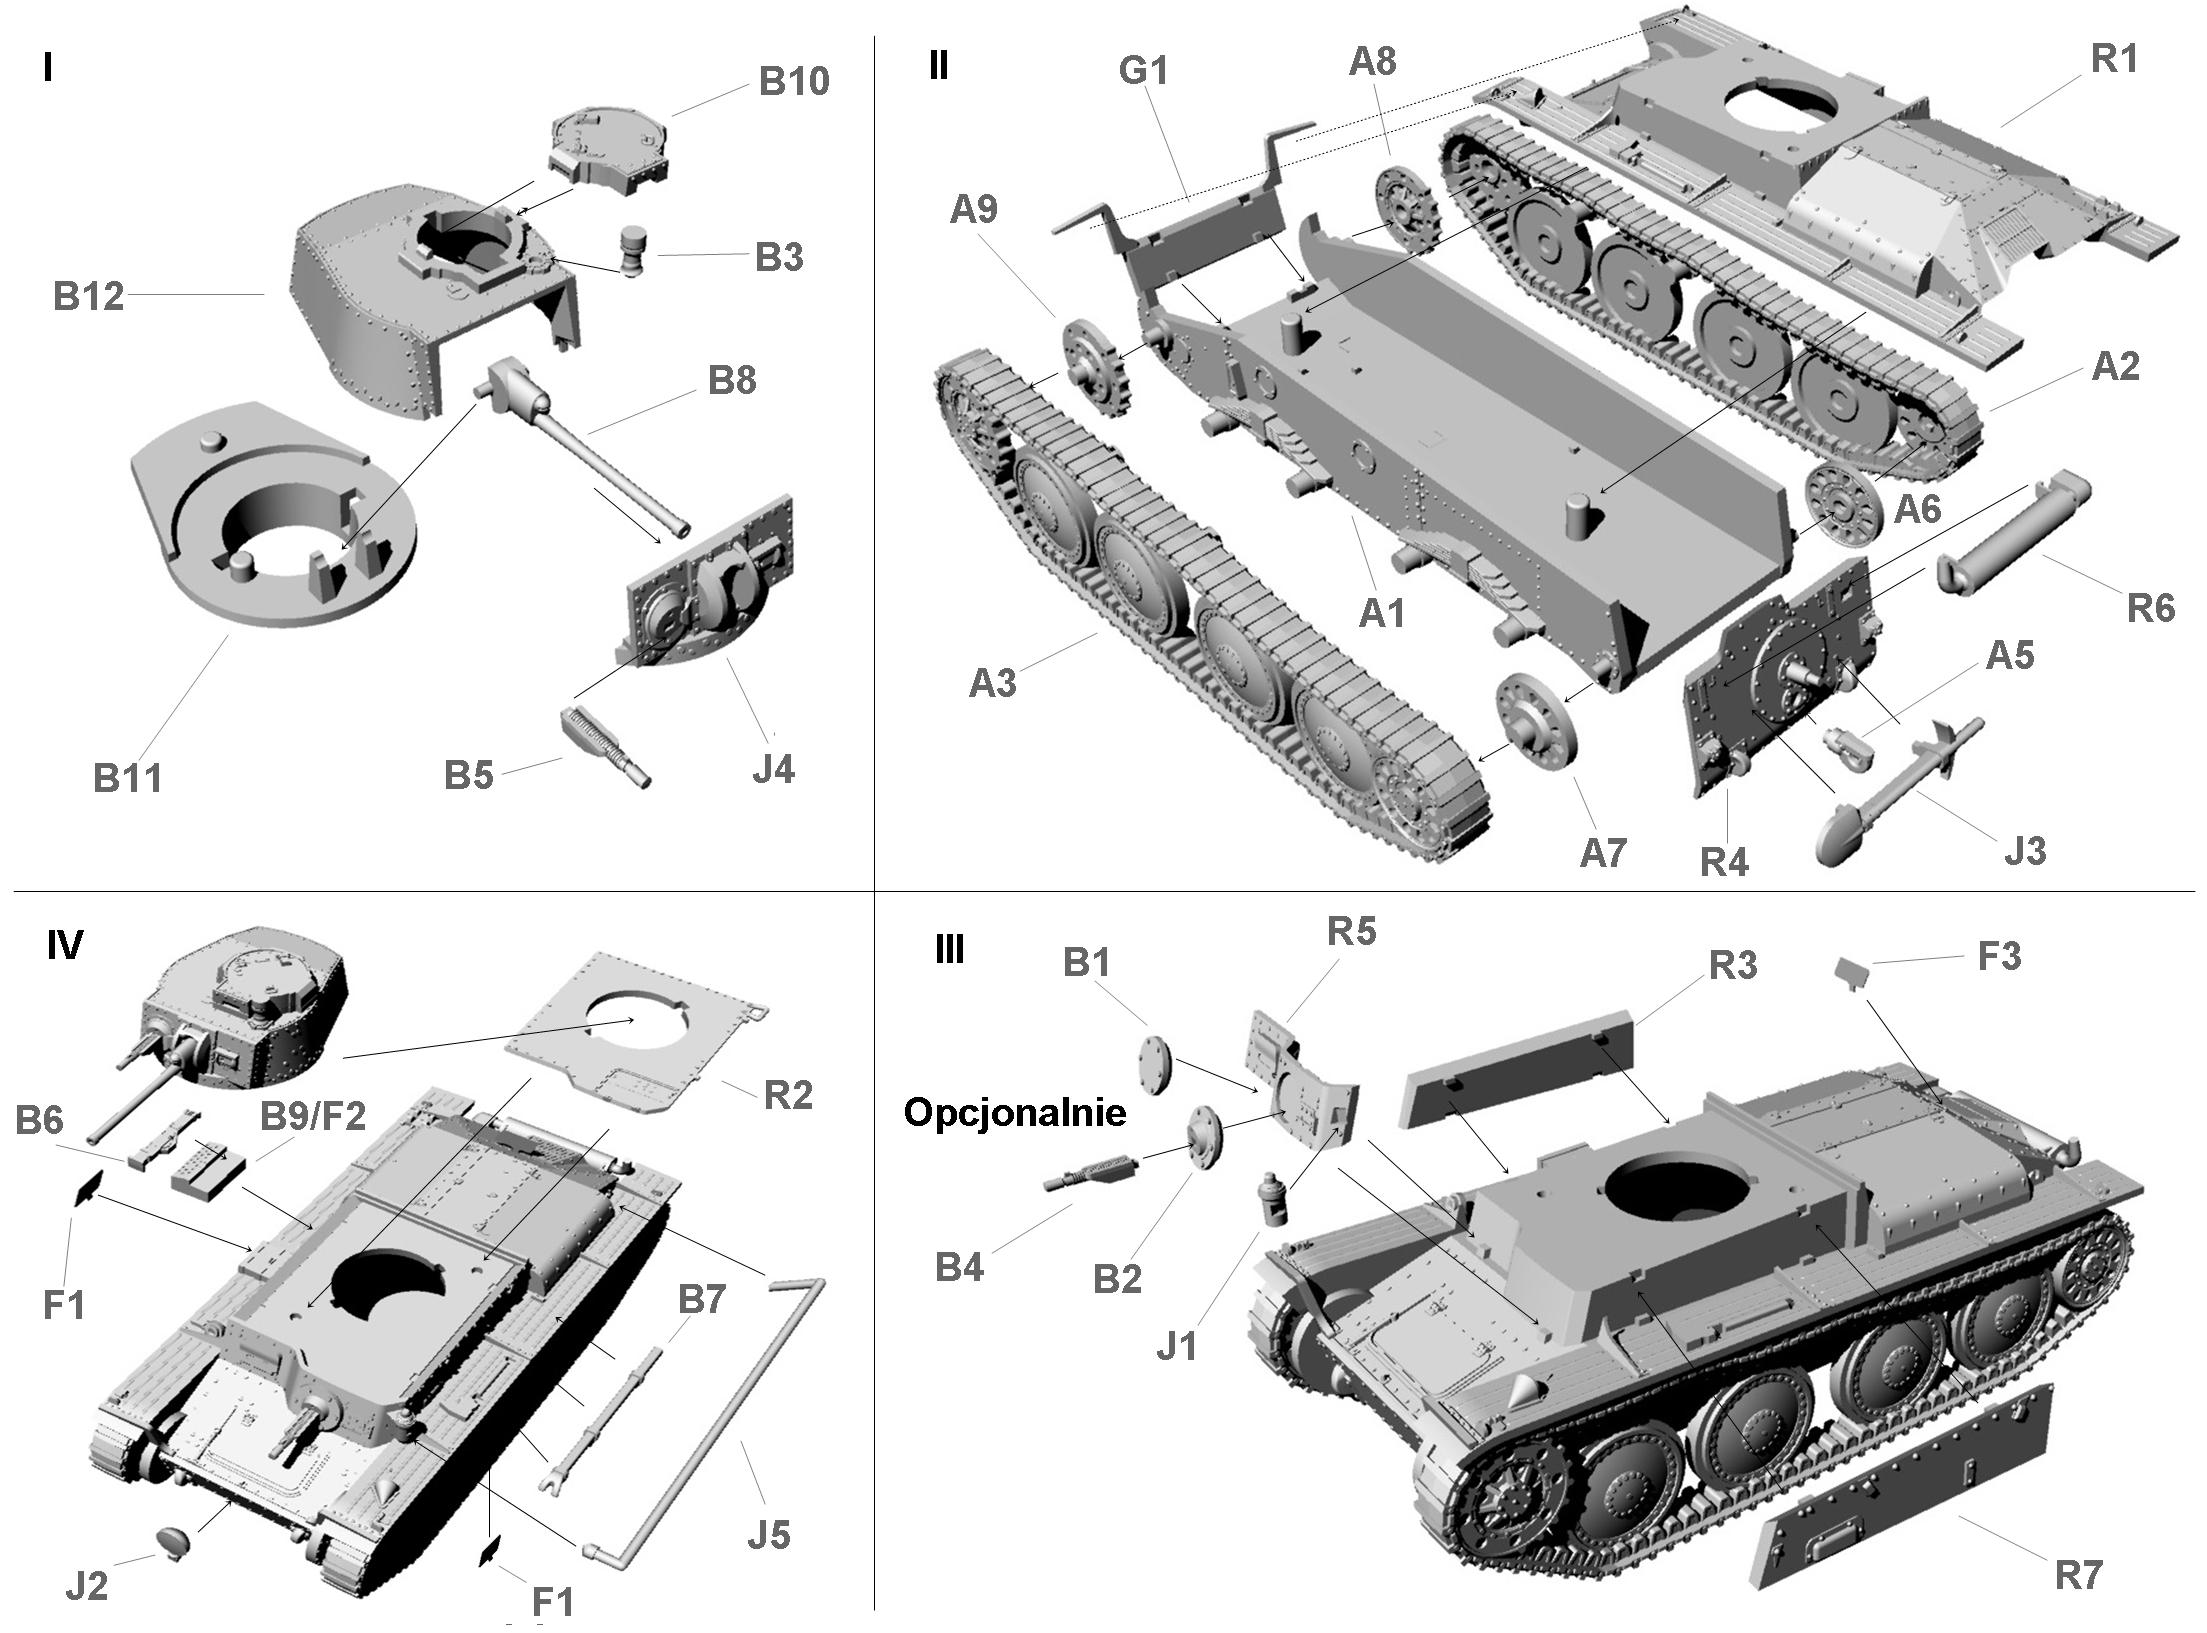 Neuheiten von First to fight - Seite 8 Instrukcja-PzKpfw.-38-Ausf.-A